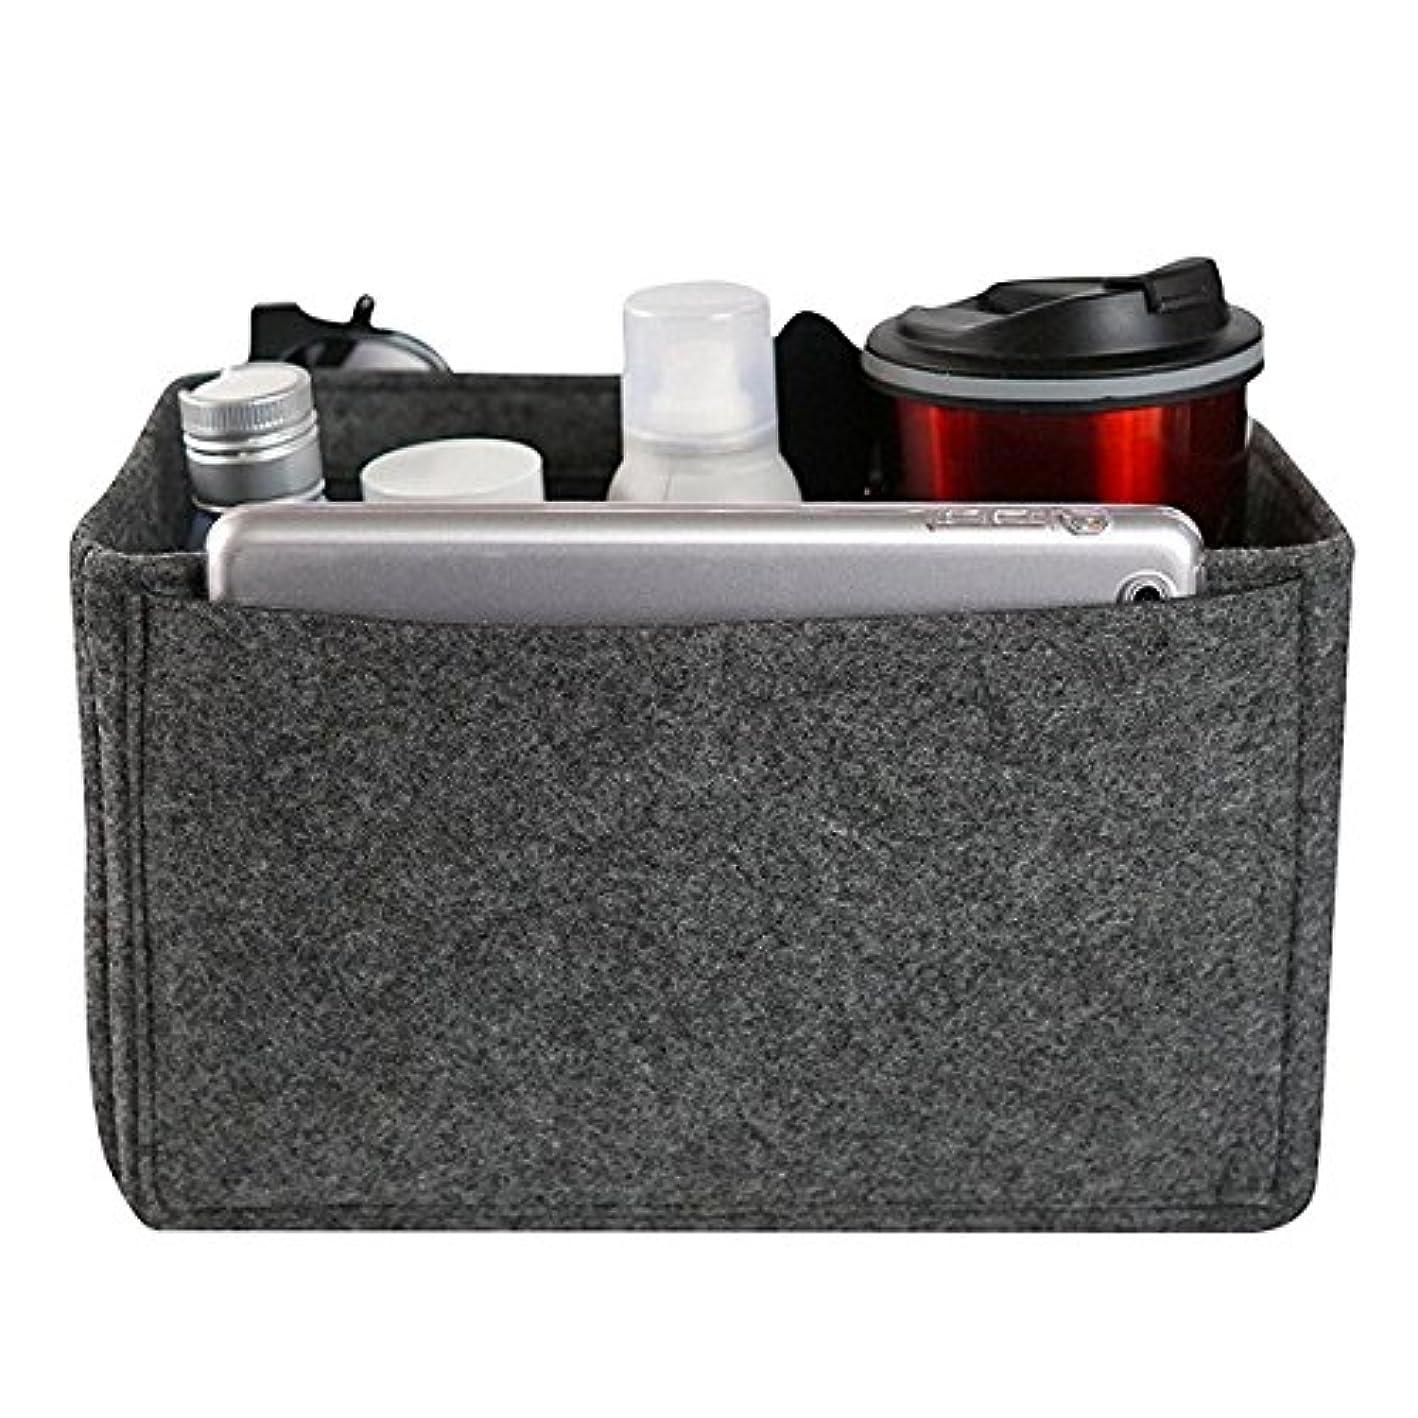 議論する加害者受け入れるYZUEYT フェルトインサートバッグマルチポケット化粧品ハンドバッグ財布オーガナイザーホルダーメイクアップトラベルジッパー YZUEYT (Color : Color dark gray, Size : XL)